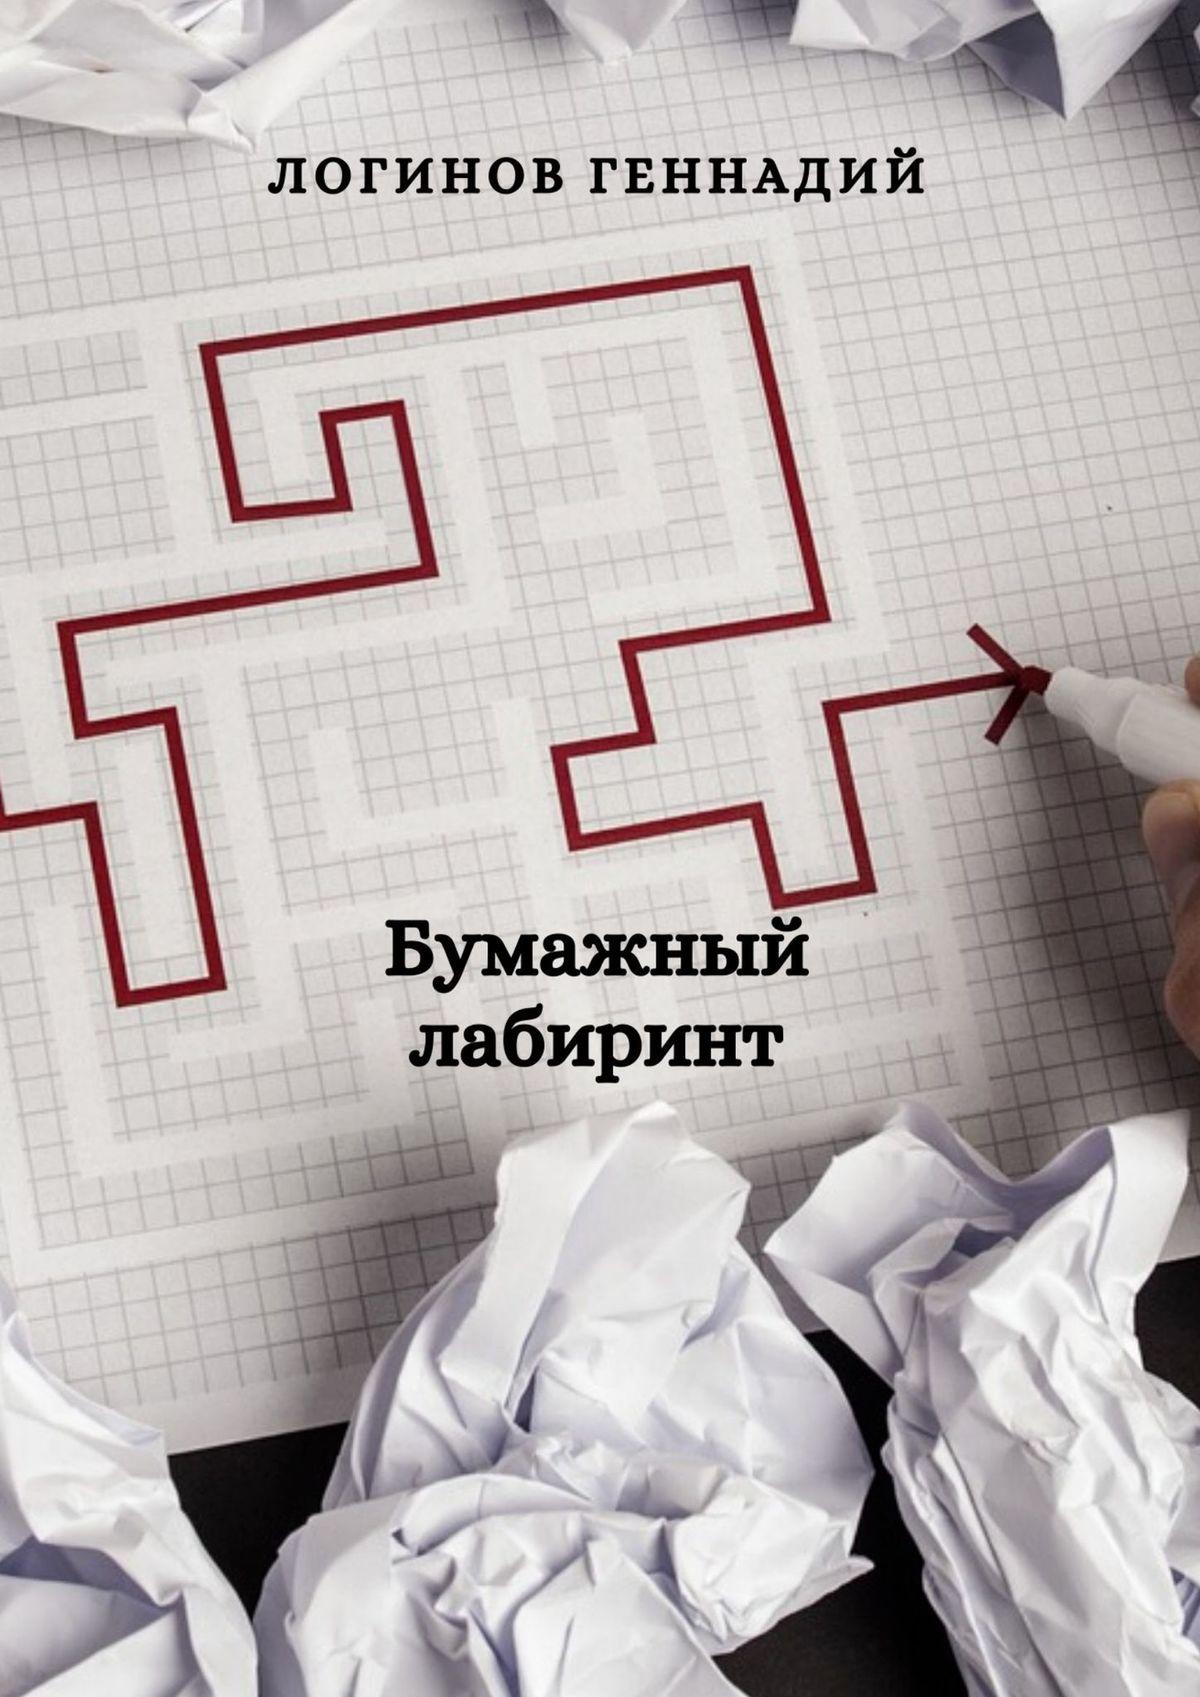 Геннадий Логинов Бумажный лабиринт. Попробуйте отыскать выход